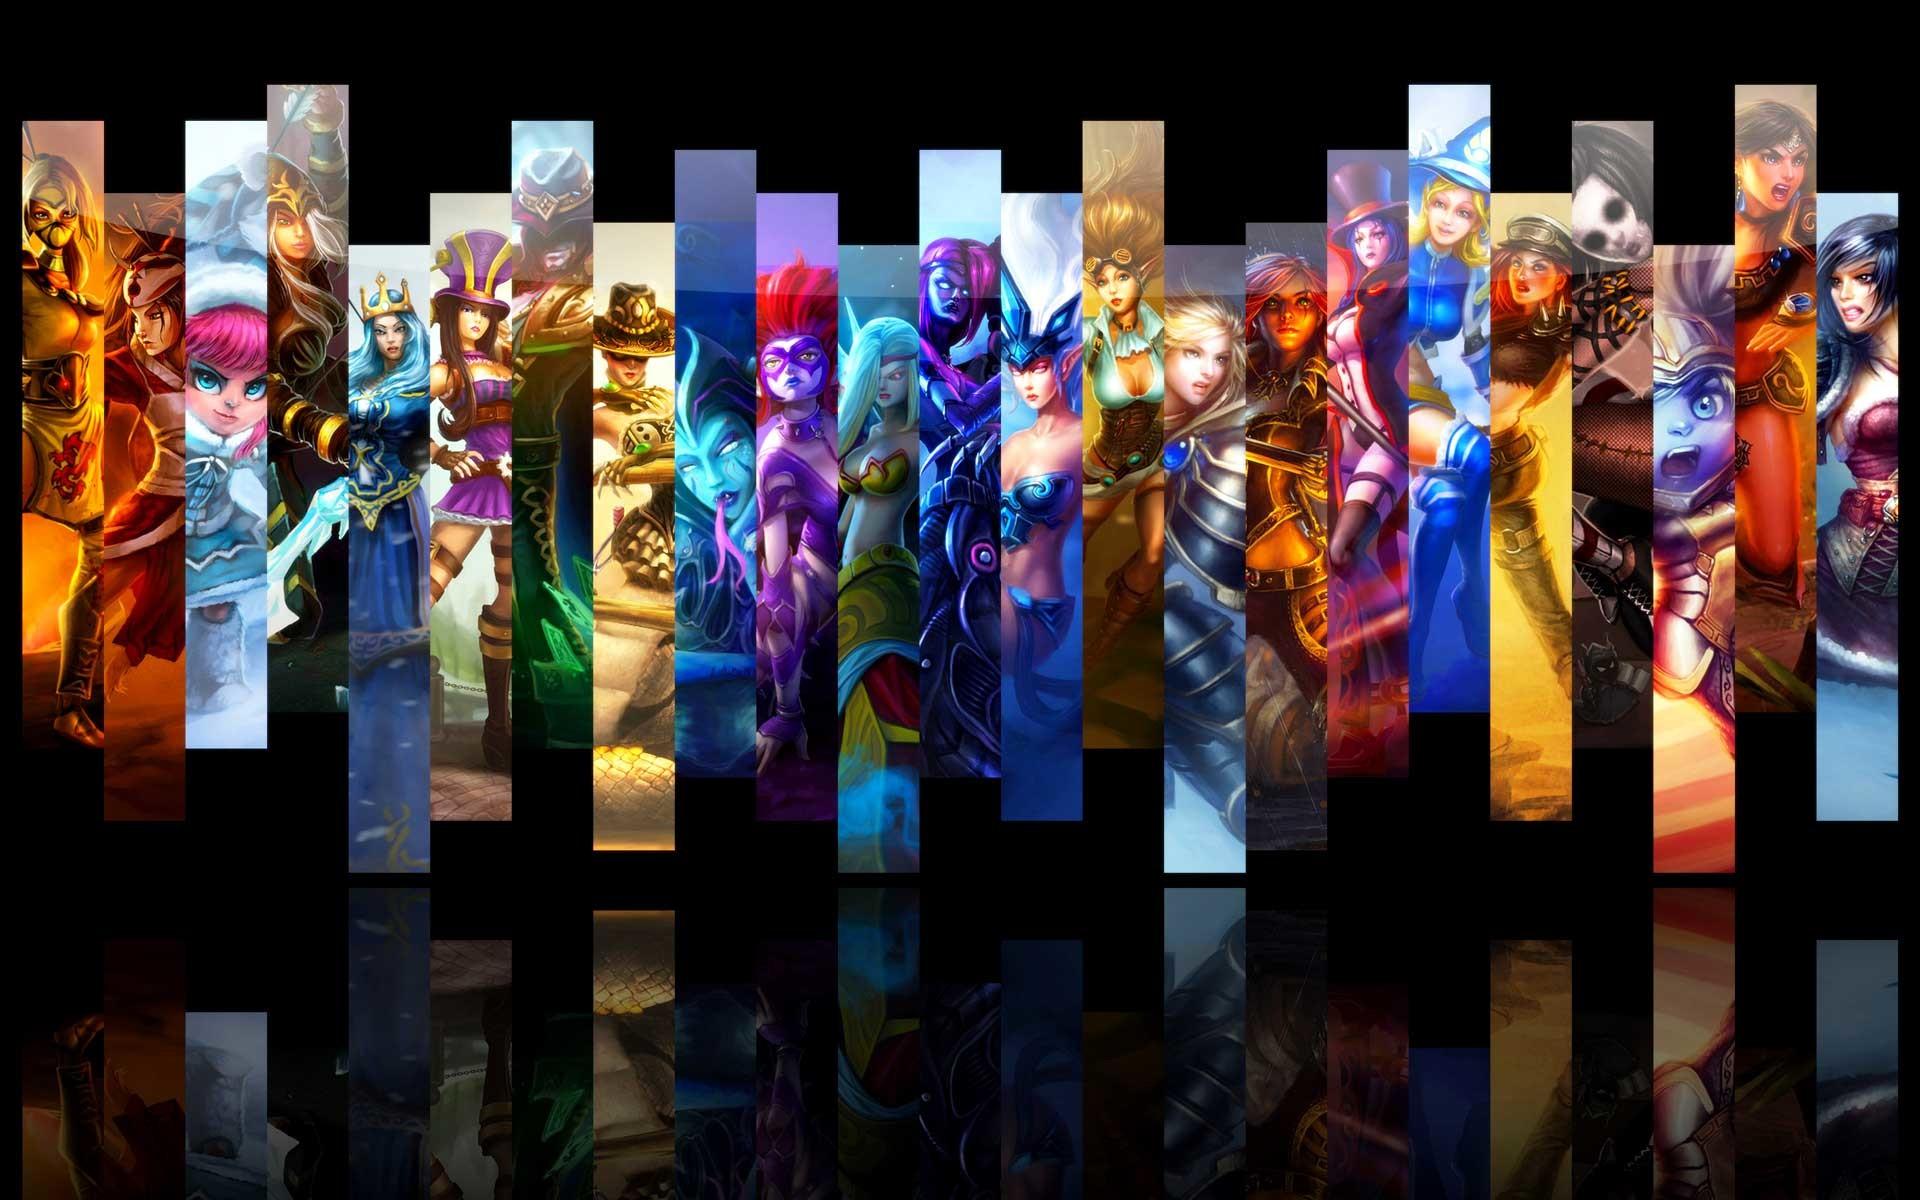 League Of Legends Wallpaper 826 px